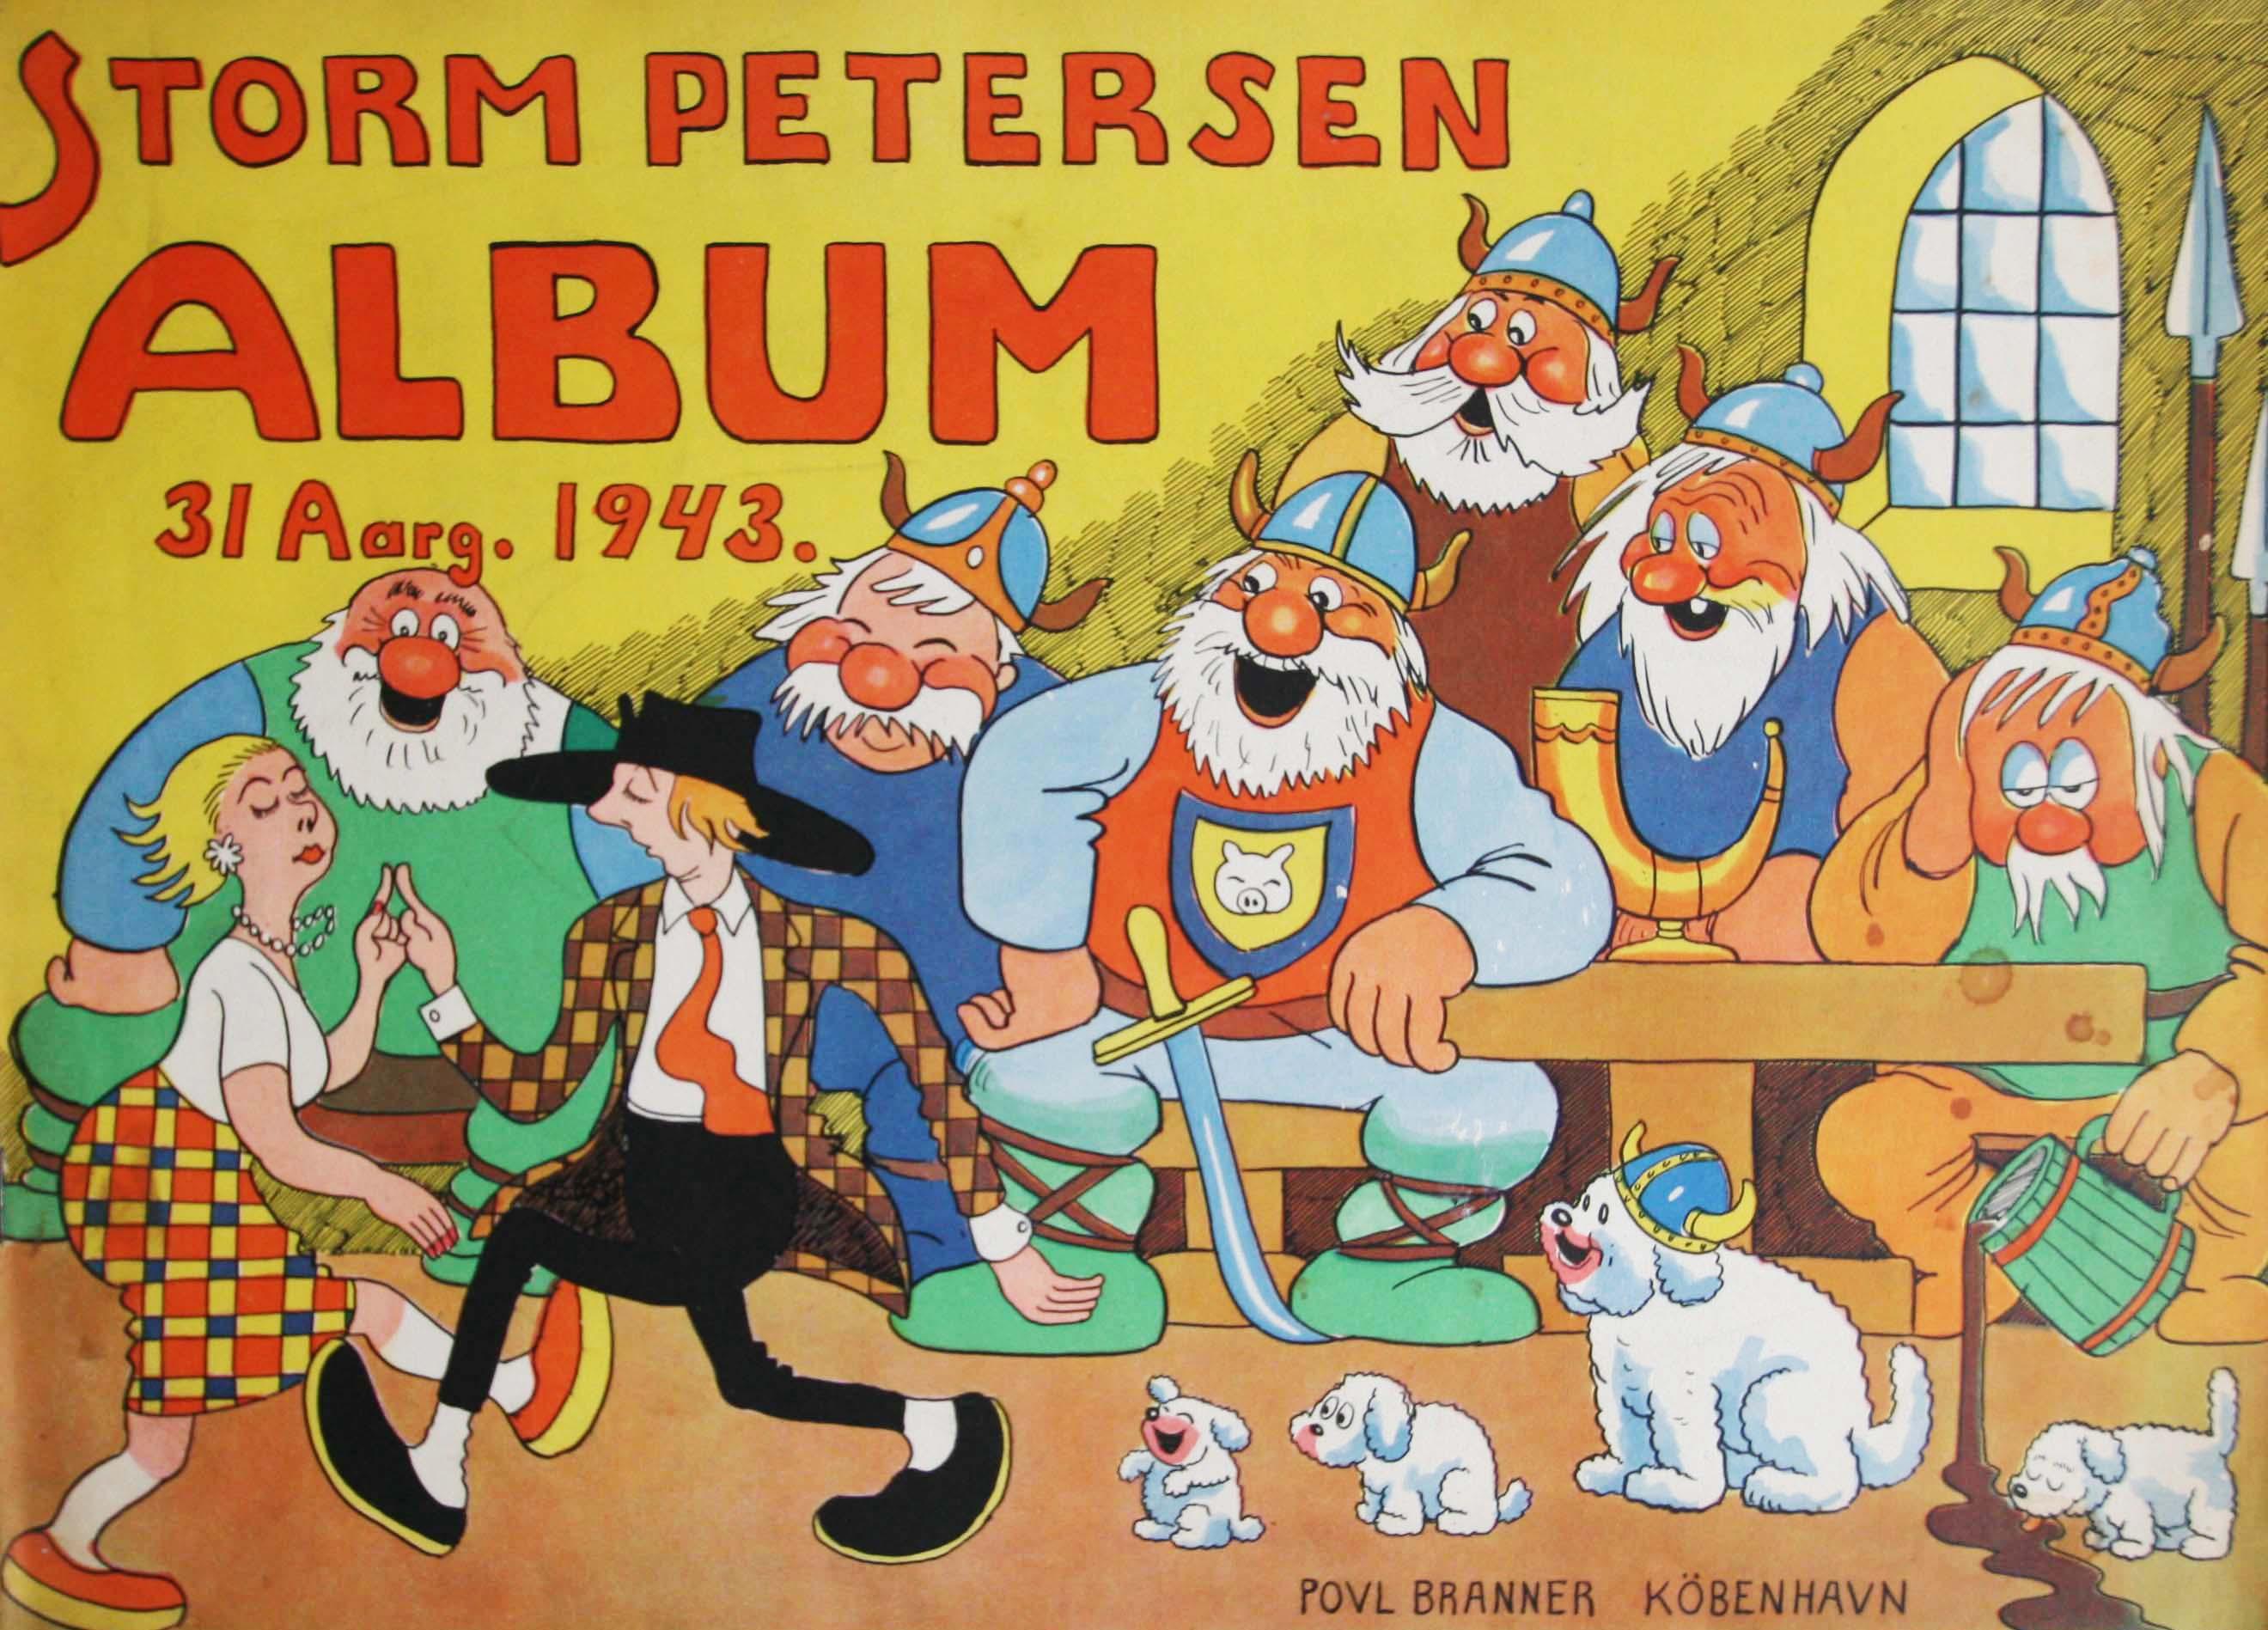 Robert Storm Petersen Storm P. Album 1943